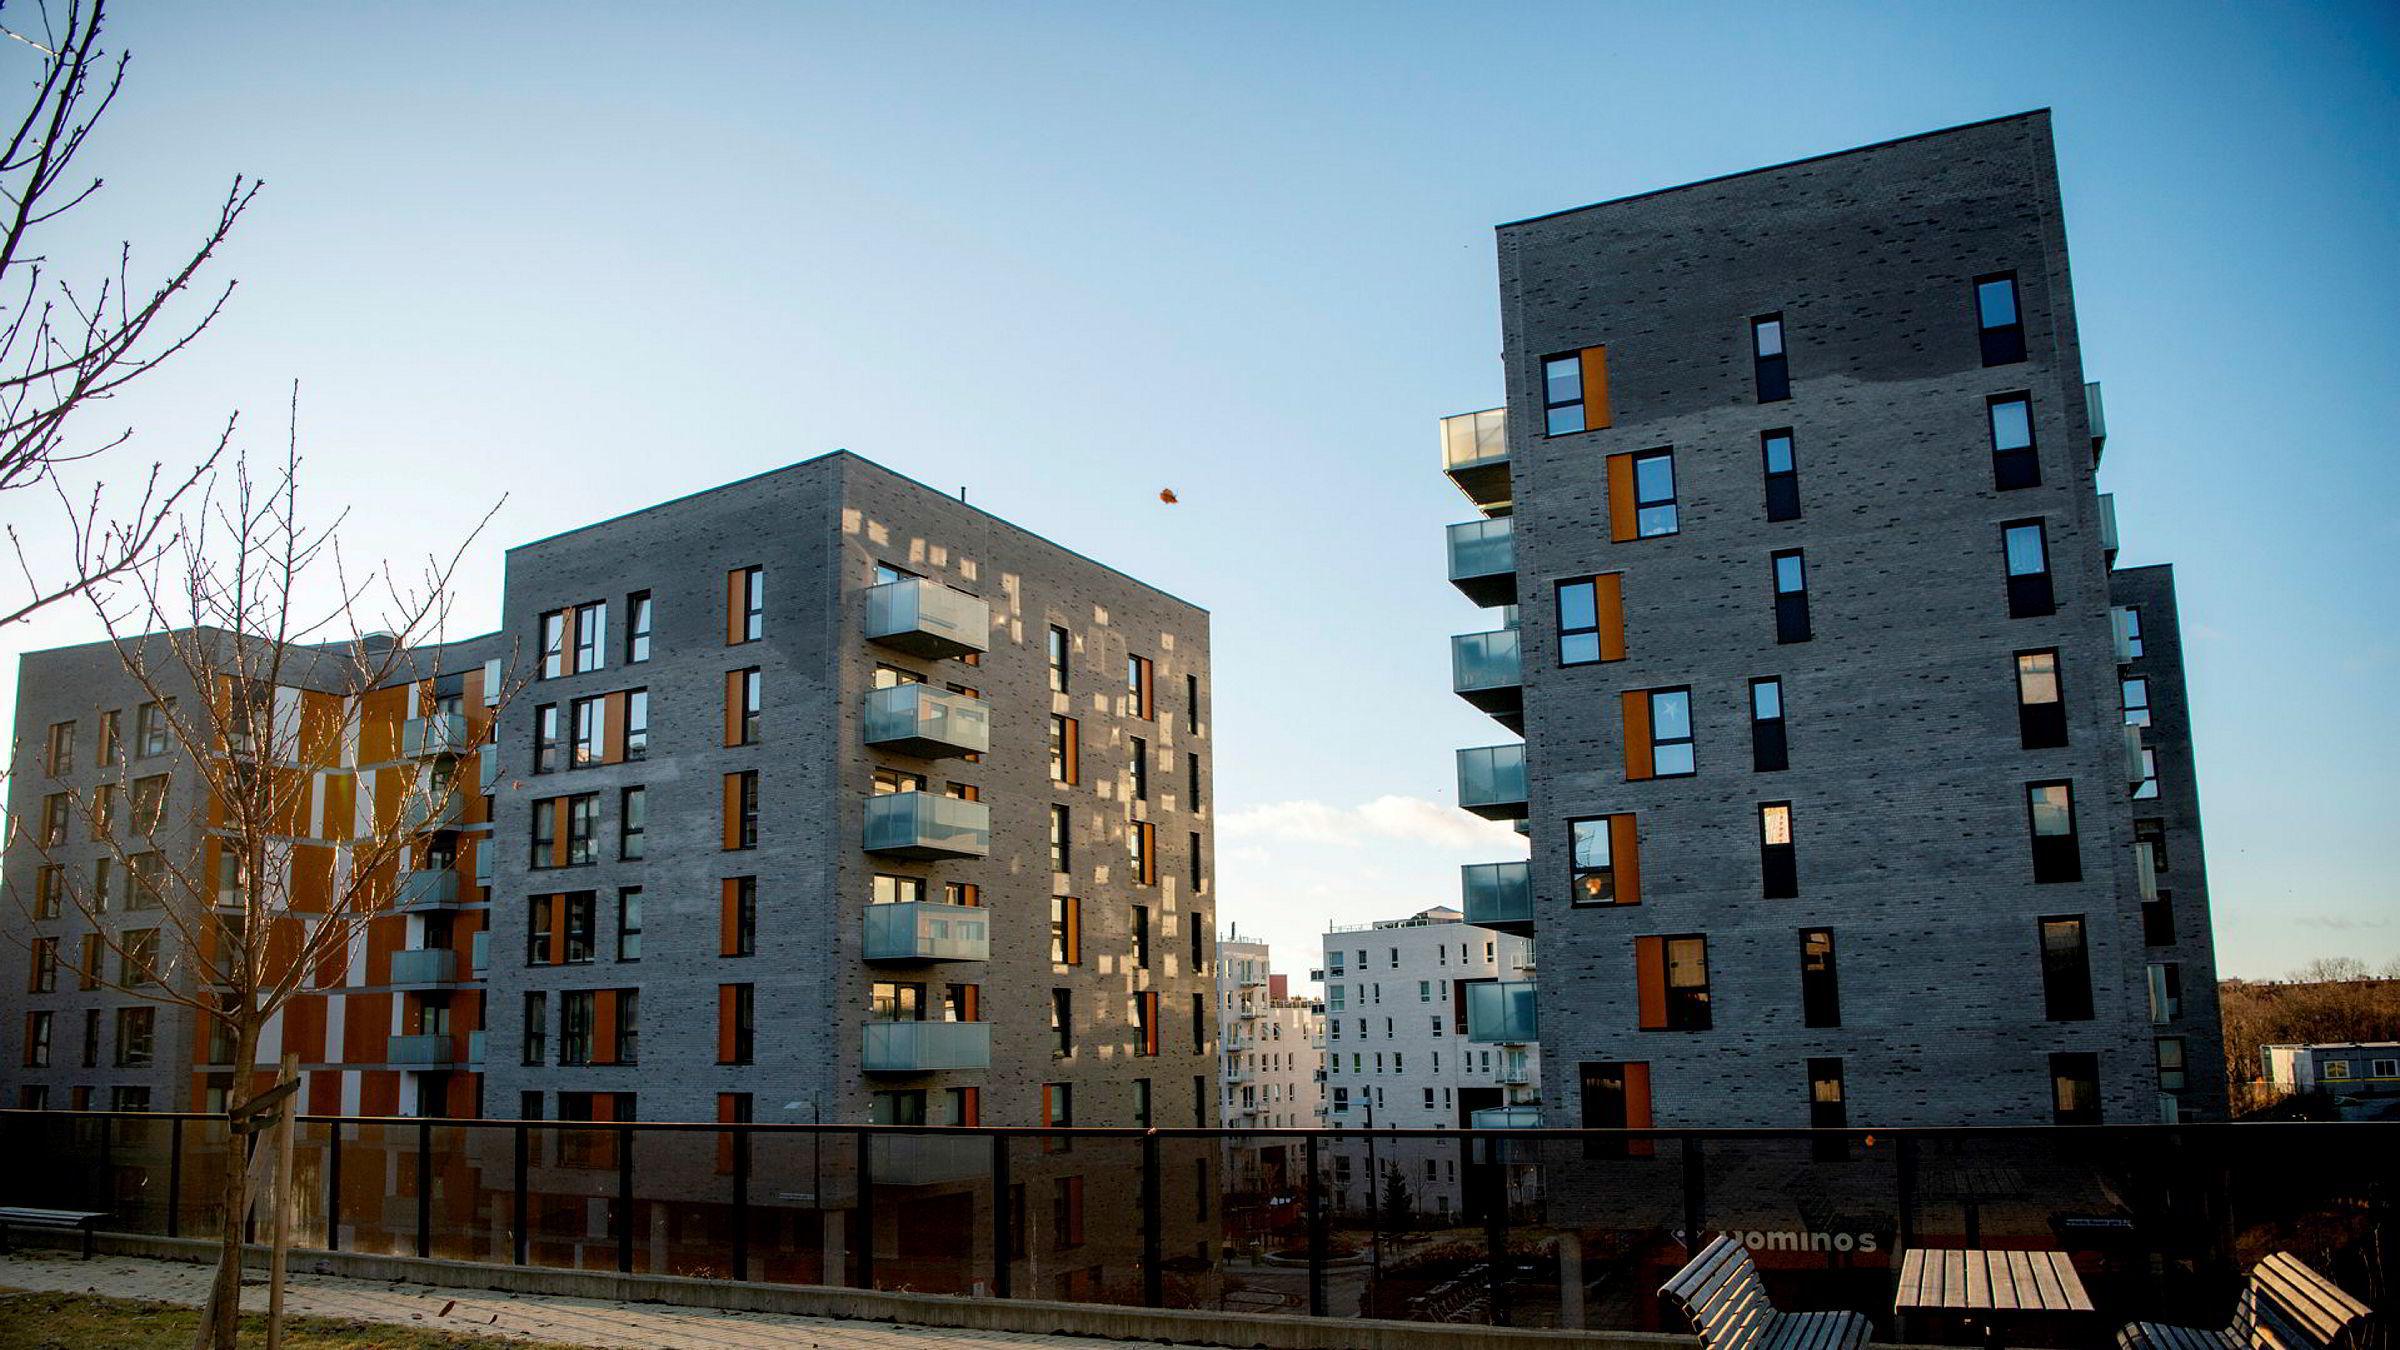 Boligbyggingen i Oslo har falt kraftig den siste tiden, og i mars og april var det ingen prosjekter med salgsstart. Det kan gi boligprisvekst på lengre sikt, tror ekspertene.